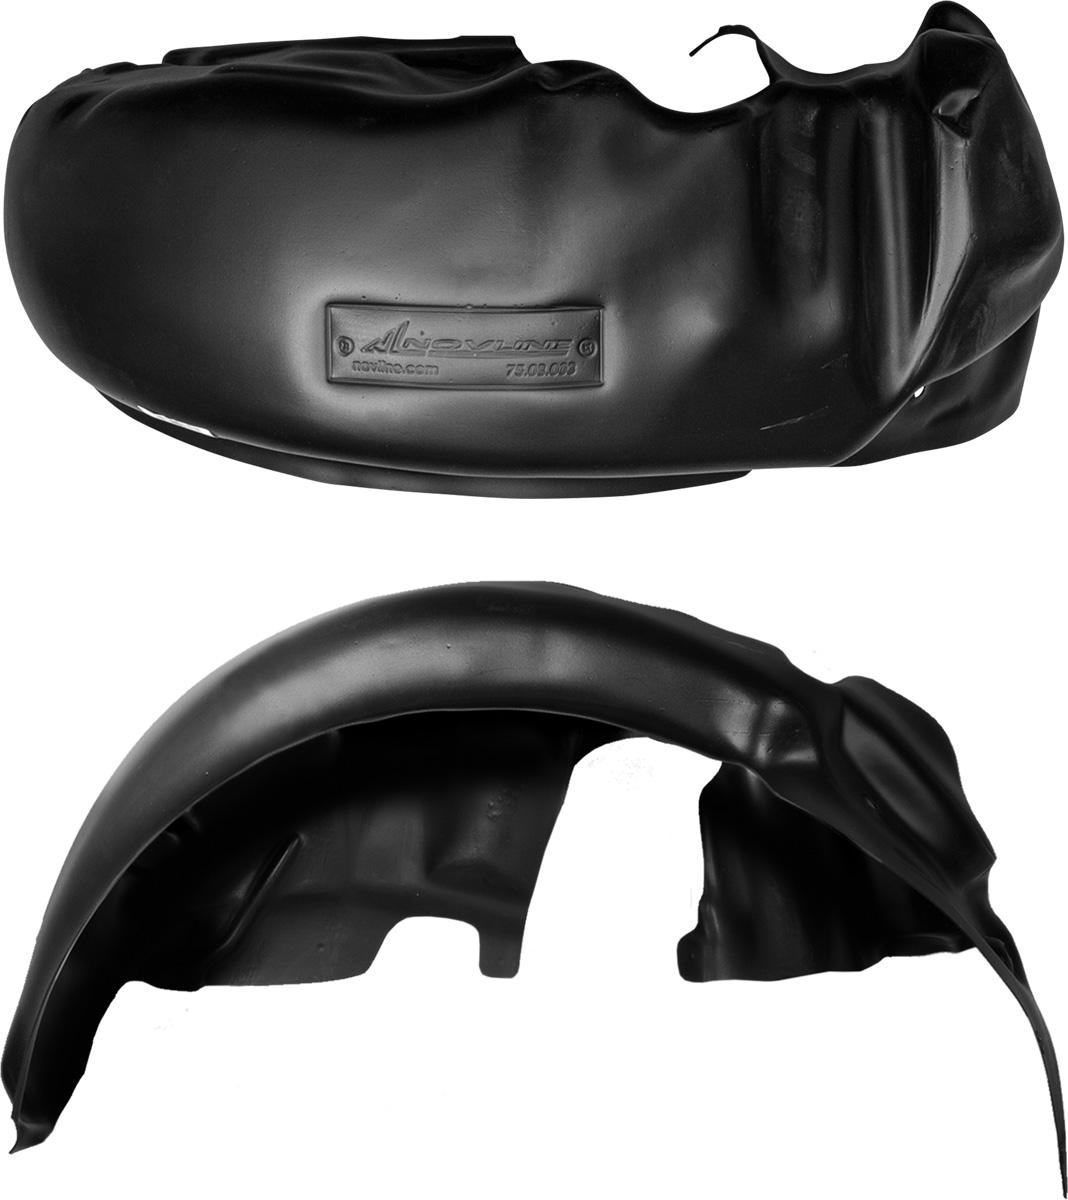 Подкрылок Novline-Autofamily, для Mitsubishi Lancer X, 03/2007->, седан, хэтчбек, передний левыйNLL.35.13.001Колесные ниши - одни из самых уязвимых зон днища вашего автомобиля. Они постоянно подвергаются воздействию со стороны дороги. Лучшая, почти абсолютная защита для них - специально отформованные пластиковые кожухи, которые называются подкрылками. Производятся они как для отечественных моделей автомобилей, так и для иномарок. Подкрылки Novline-Autofamily выполнены из высококачественного, экологически чистого пластика. Обеспечивают надежную защиту кузова автомобиля от пескоструйного эффекта и негативного влияния, агрессивных антигололедных реагентов. Пластик обладает более низкой теплопроводностью, чем металл, поэтому в зимний период эксплуатации использование пластиковых подкрылков позволяет лучше защитить колесные ниши от налипания снега и образования наледи. Оригинальность конструкции подчеркивает элегантность автомобиля, бережно защищает нанесенное на днище кузова антикоррозийное покрытие и позволяет осуществить крепление подкрылков внутри колесной арки практически без дополнительного крепежа и сверления, не нарушая при этом лакокрасочного покрытия, что предотвращает возникновение новых очагов коррозии. Подкрылки долговечны, обладают высокой прочностью и сохраняют заданную форму, а также все свои физико-механические характеристики в самых тяжелых климатических условиях (от -50°С до +50°С).Уважаемые клиенты!Обращаем ваше внимание, на тот факт, что подкрылок имеет форму, соответствующую модели данного автомобиля. Фото служит для визуального восприятия товара.